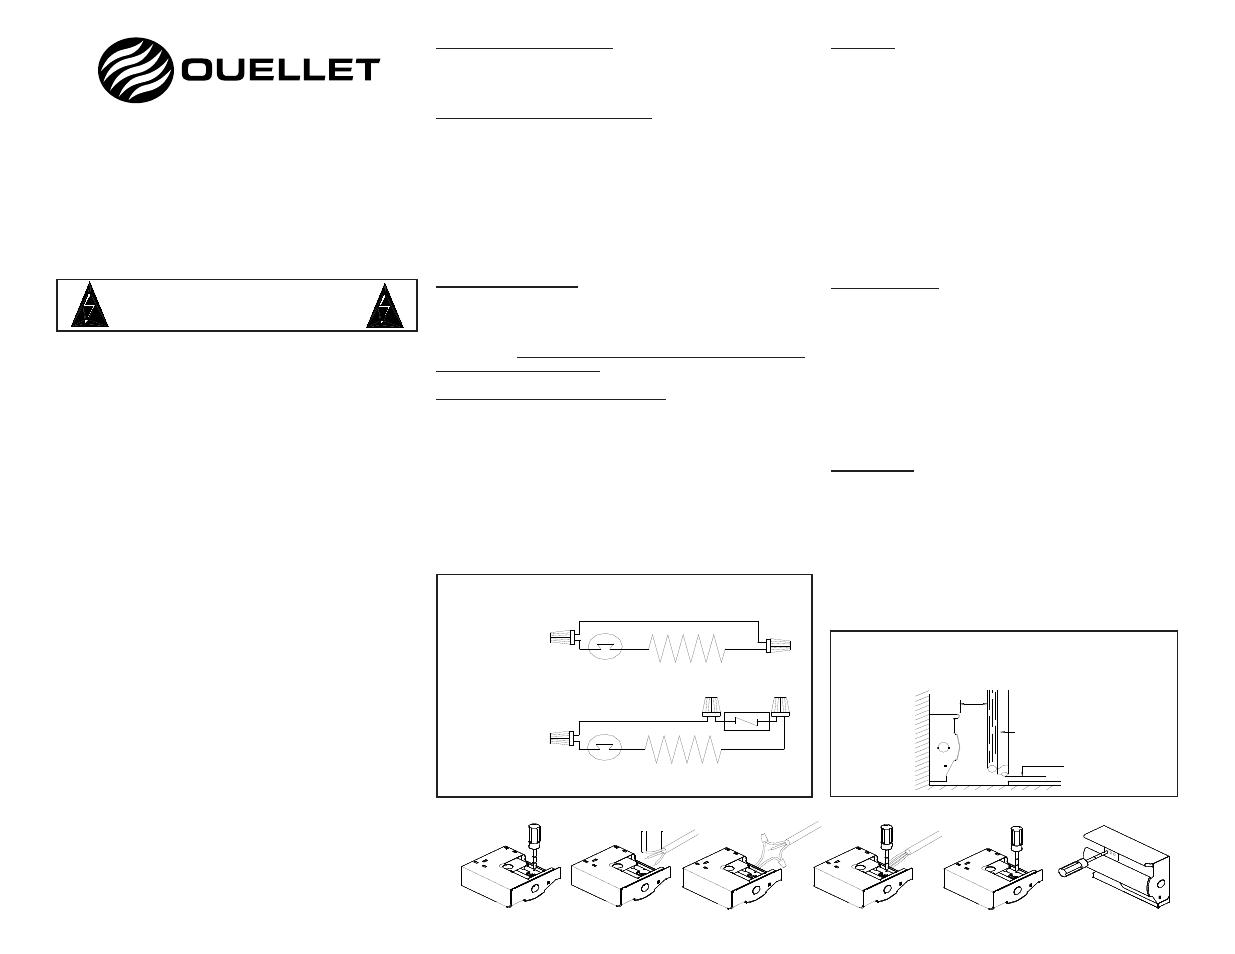 Ouellet Ofm User Manual